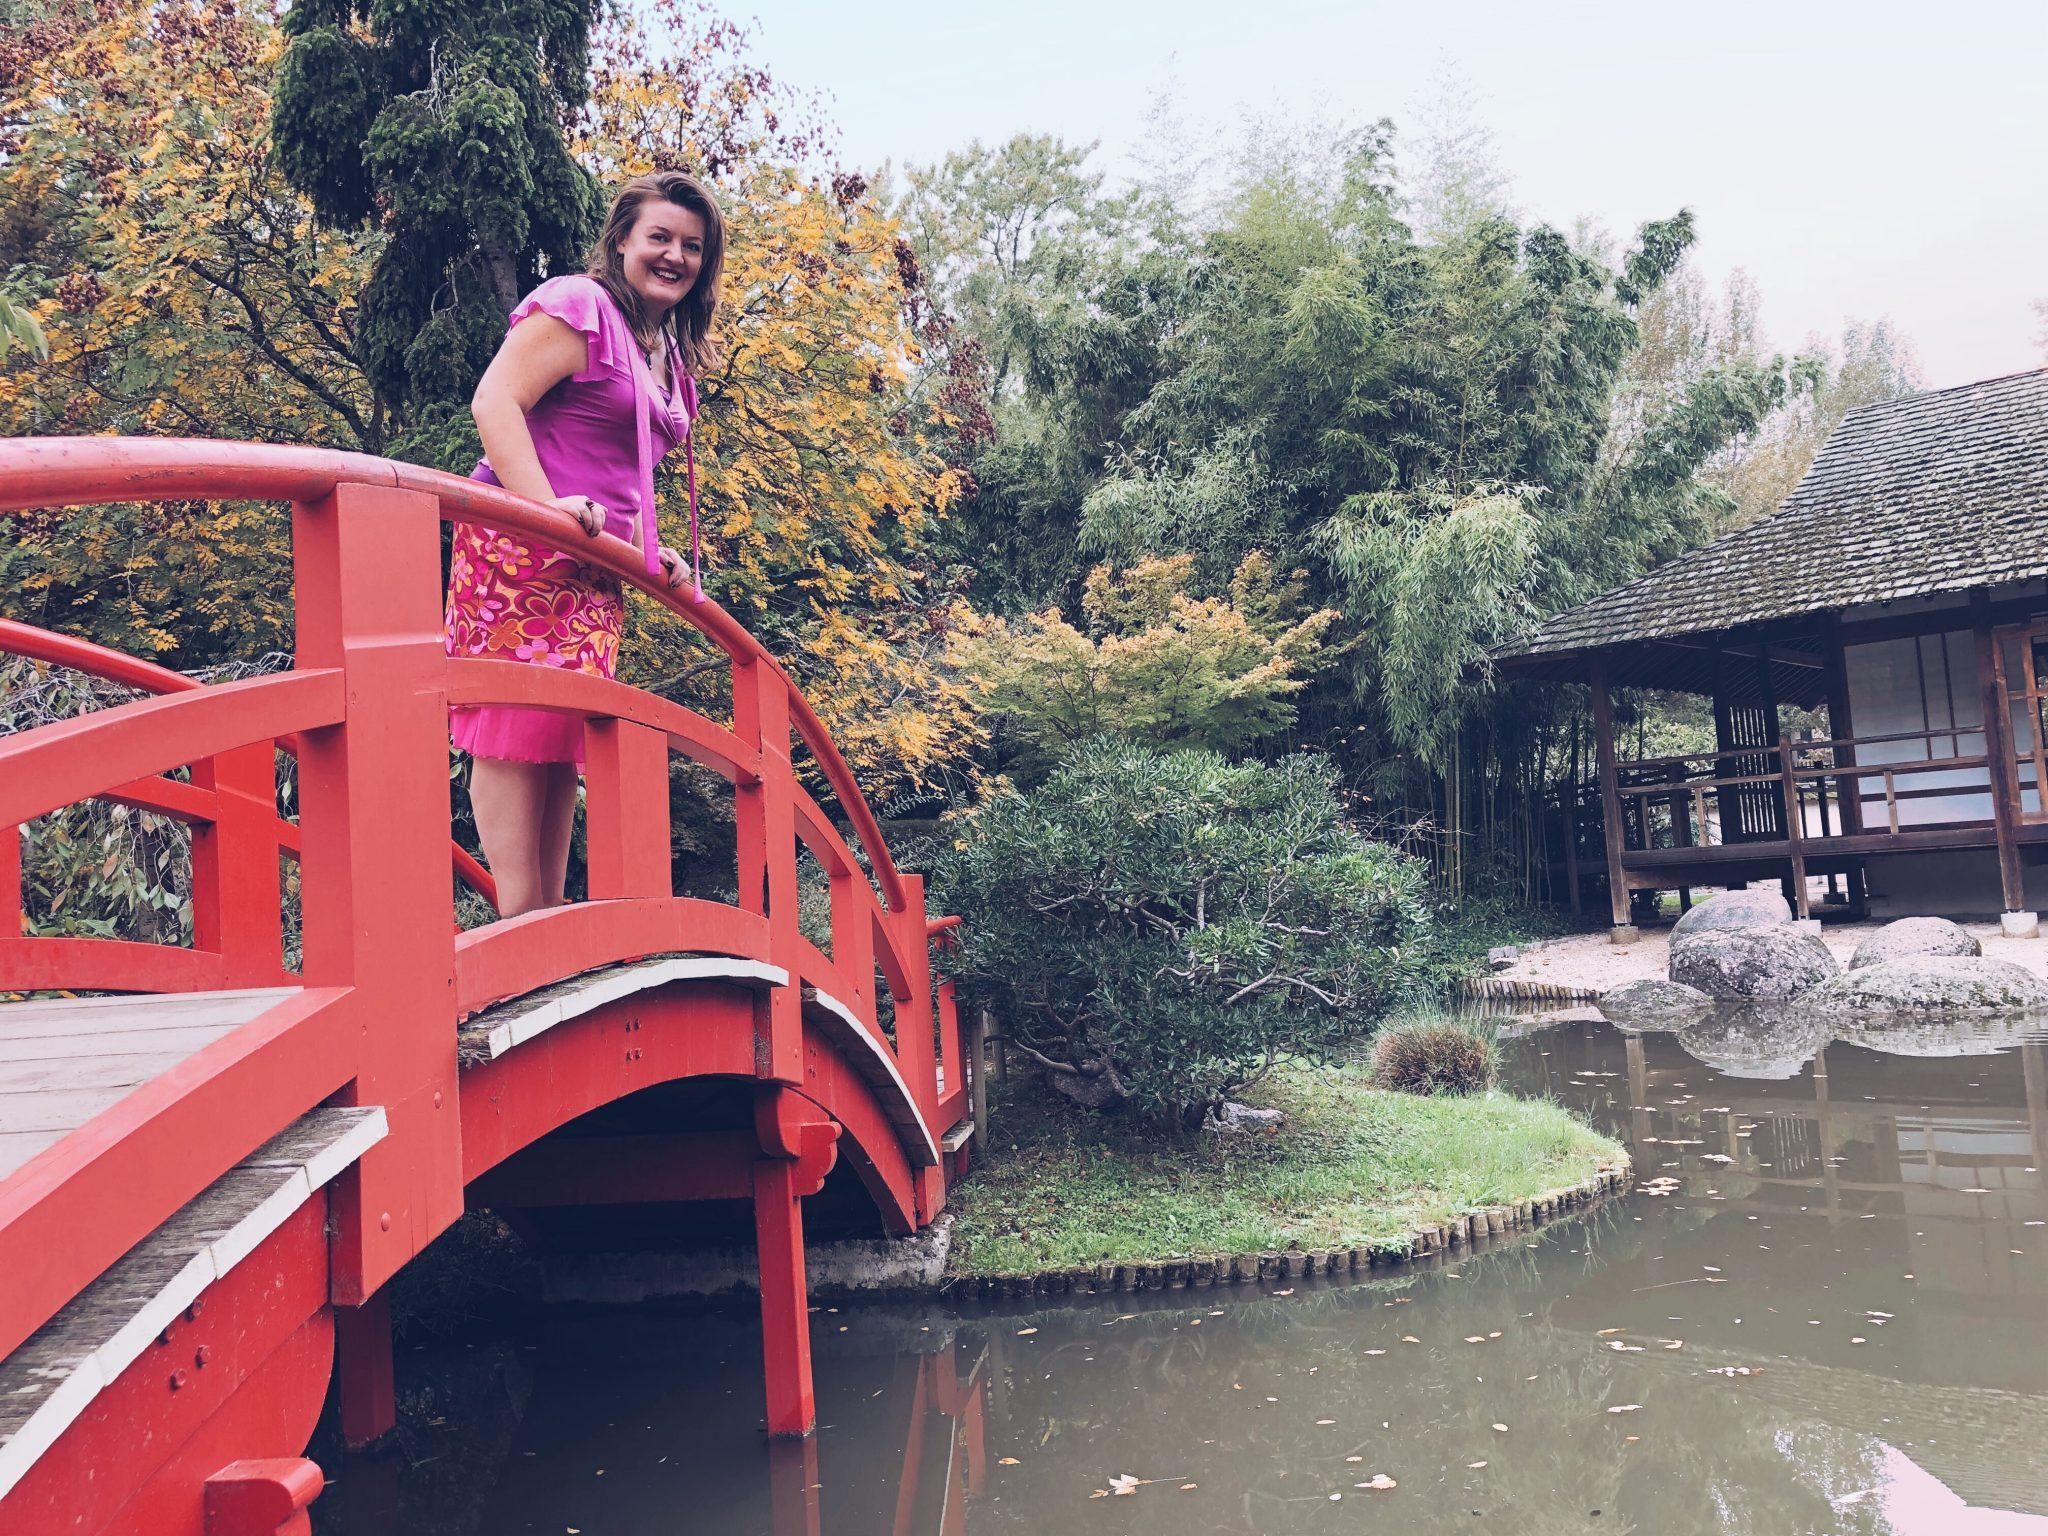 Donna sul ponte del giardino giapponese di Tolosa - Tolosa: 3 modi di vedere la città - tatianaberlaffa.com